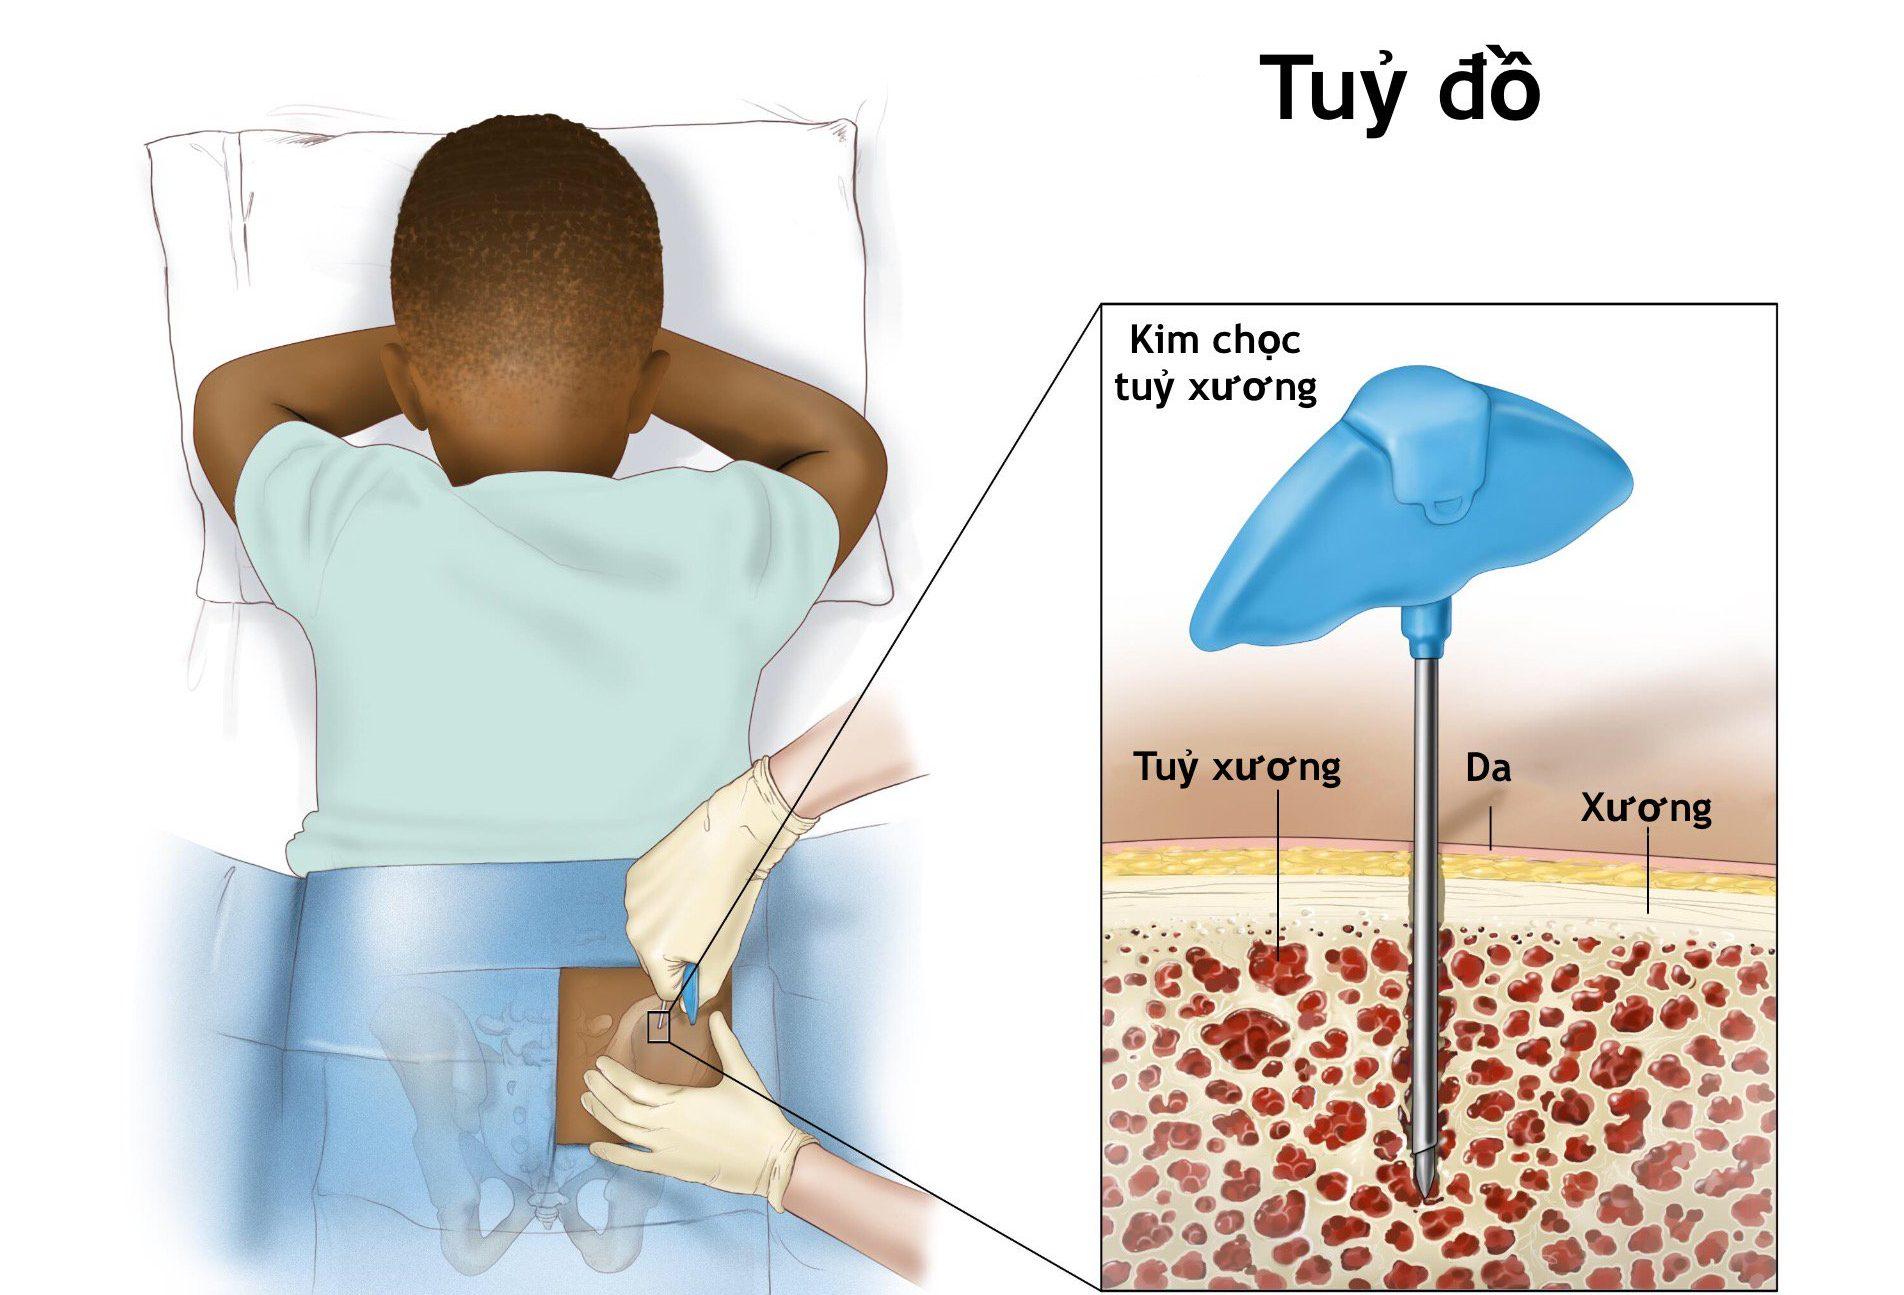 Phương pháp lấy tủy xương làm tủy đồ